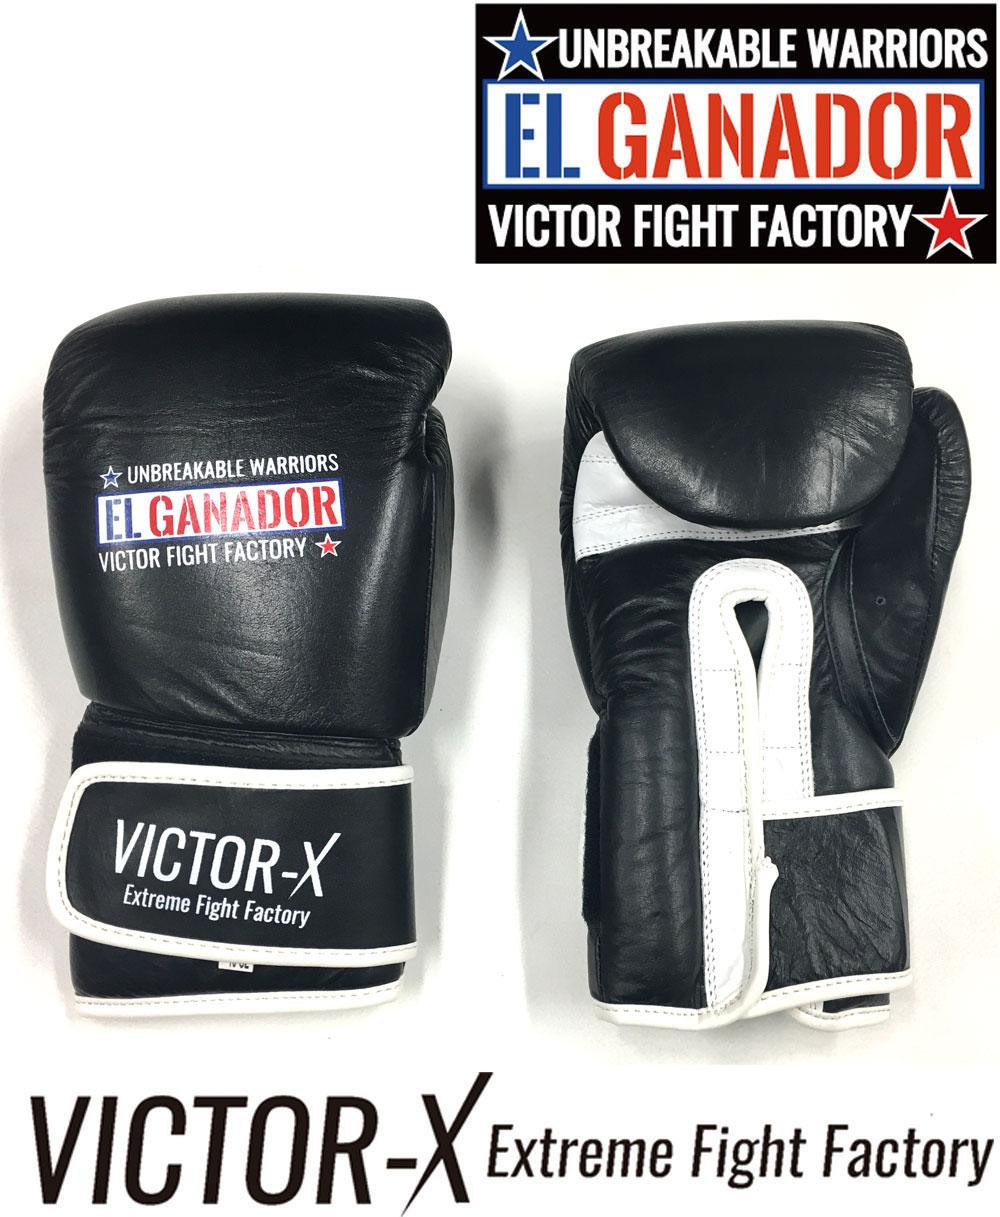 EL GANADOR VELCRO TYPE BOXING GLOVE(VICTOR ) ※YouTuberファミリータイム愛用モデル